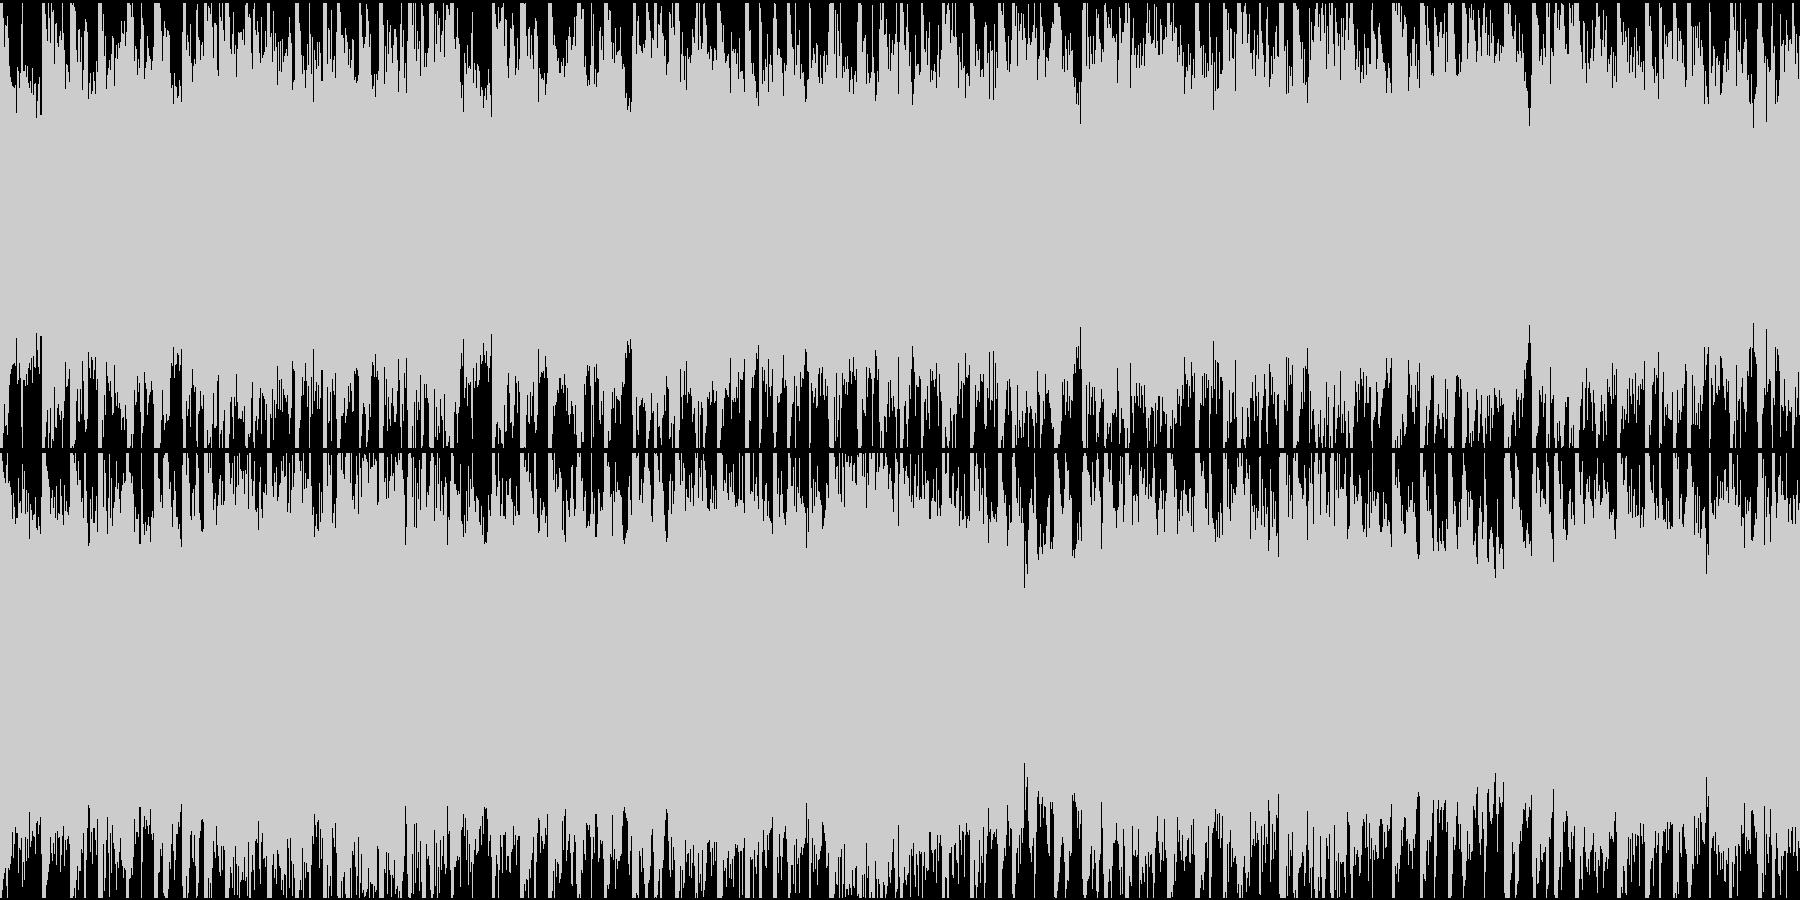 メニュー・待機中(ループ・30sec)の未再生の波形